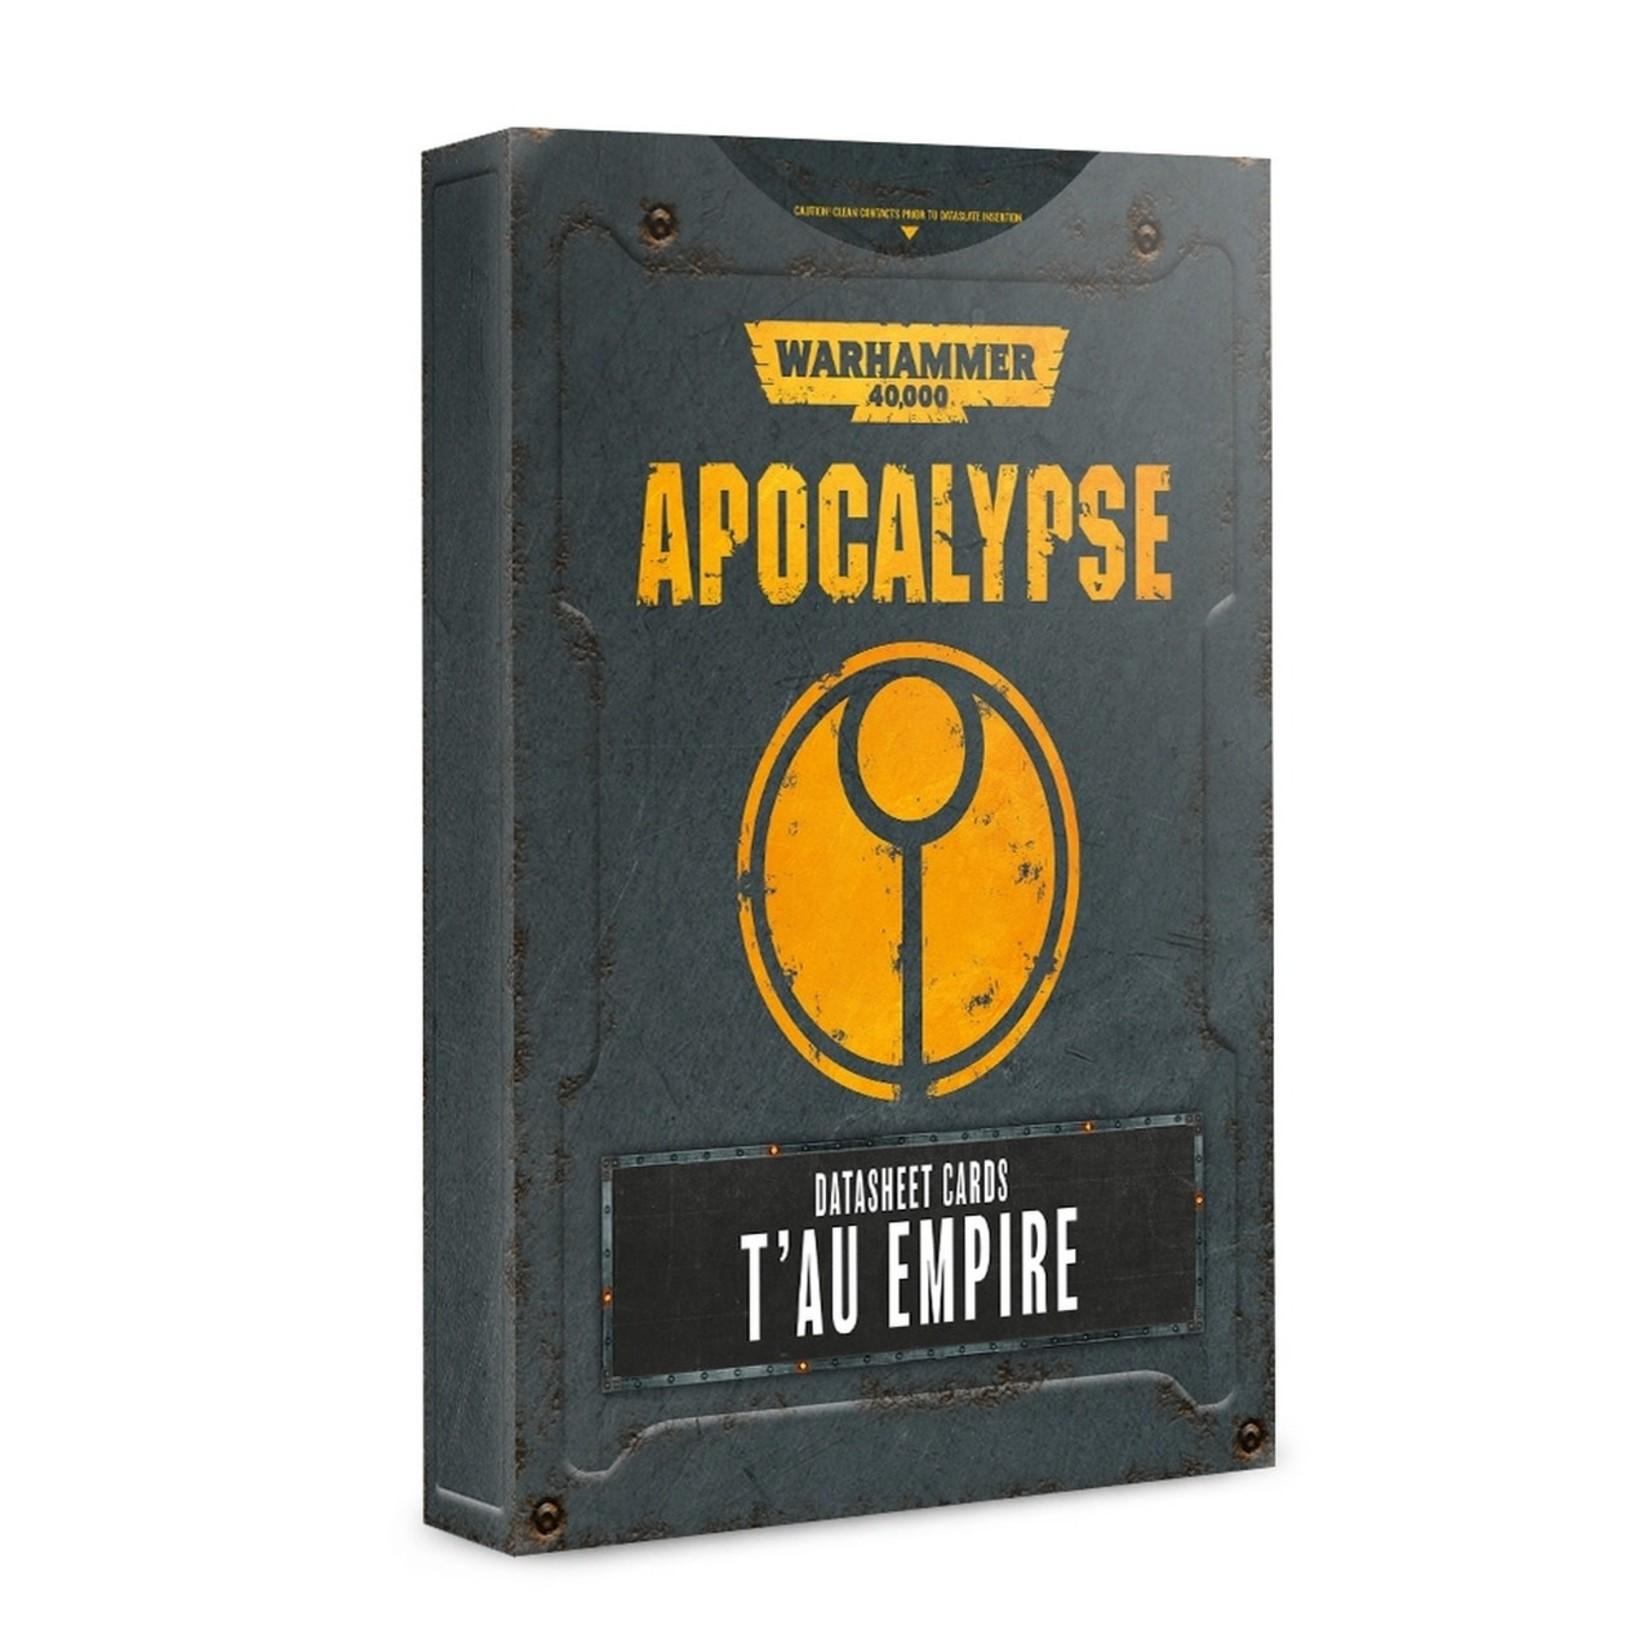 Games Workshop Warhammer 40k Apocalypse: Datasheet Cards T'au Empire